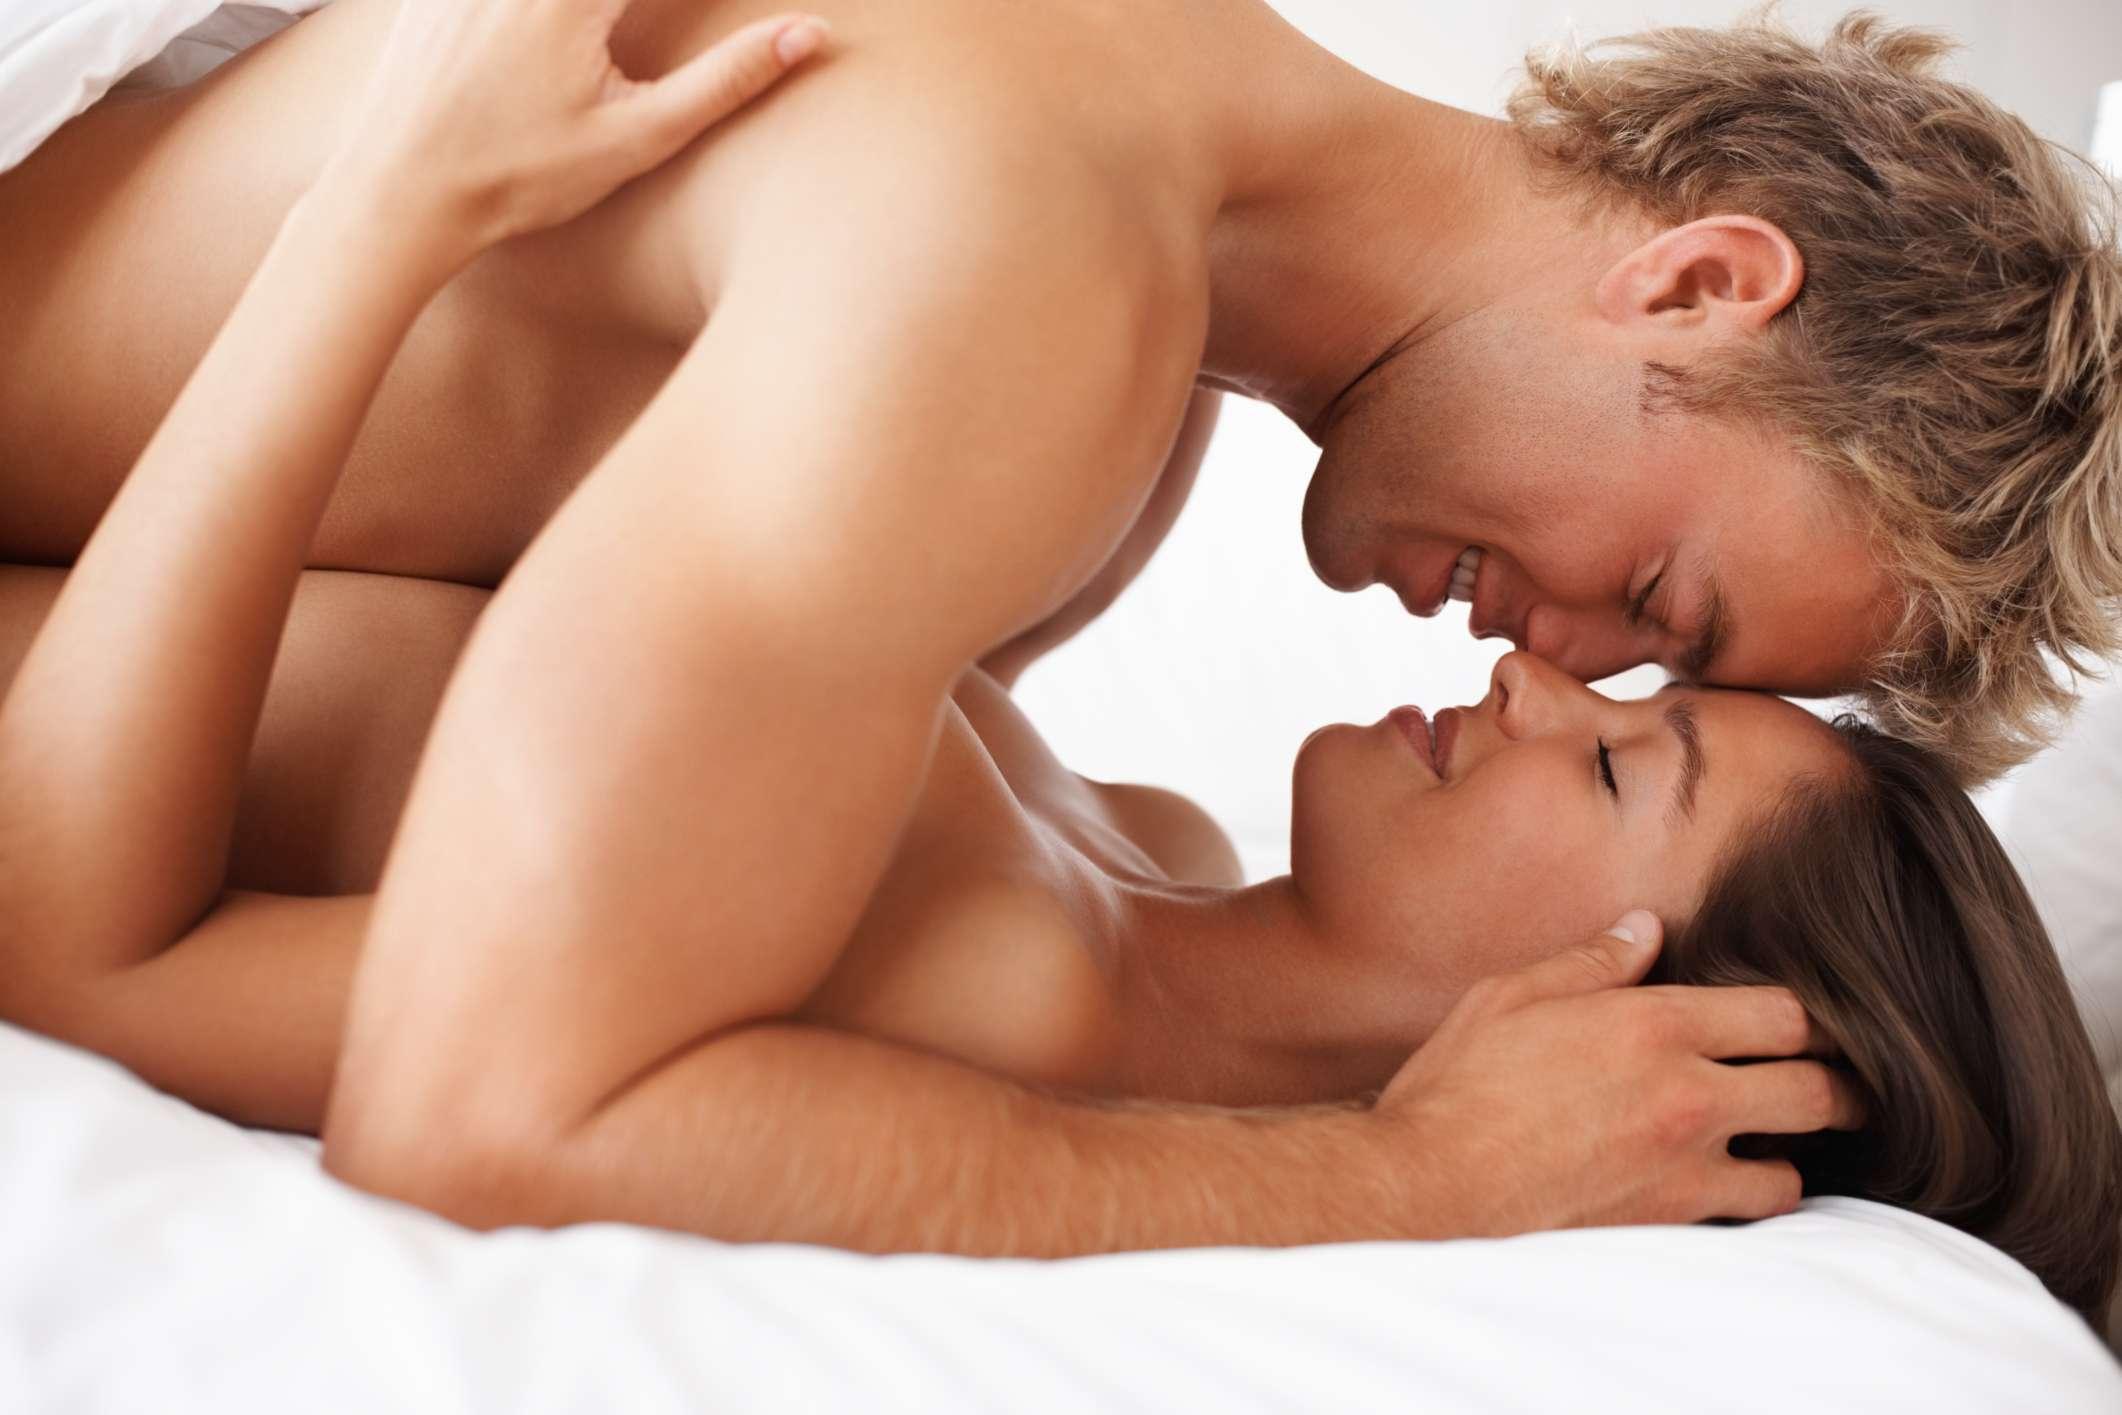 Diminuir o ritmo ajuda a controlar melhor o tempo até a ejaculação. Foto: iStock